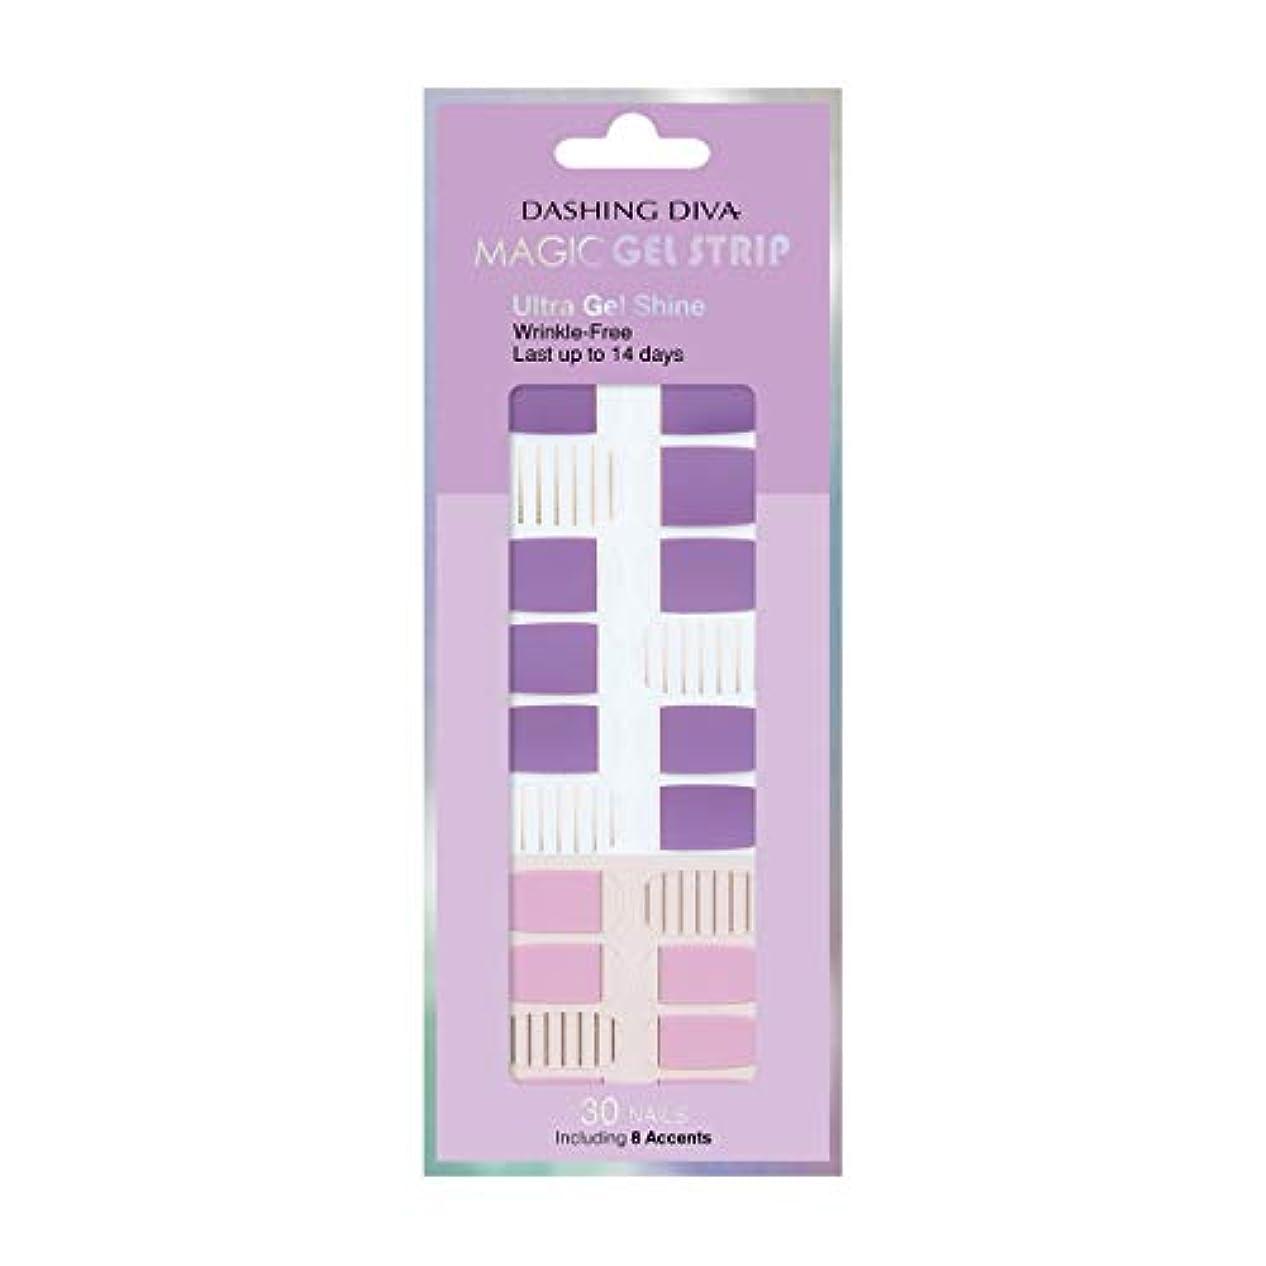 毛皮起きる天国ダッシングディバ マジックジェルストリップ DASHING DIVA Magic Gel Strip DGST83-DURY+ オリジナルジェル ネイルシール Purple Stripe